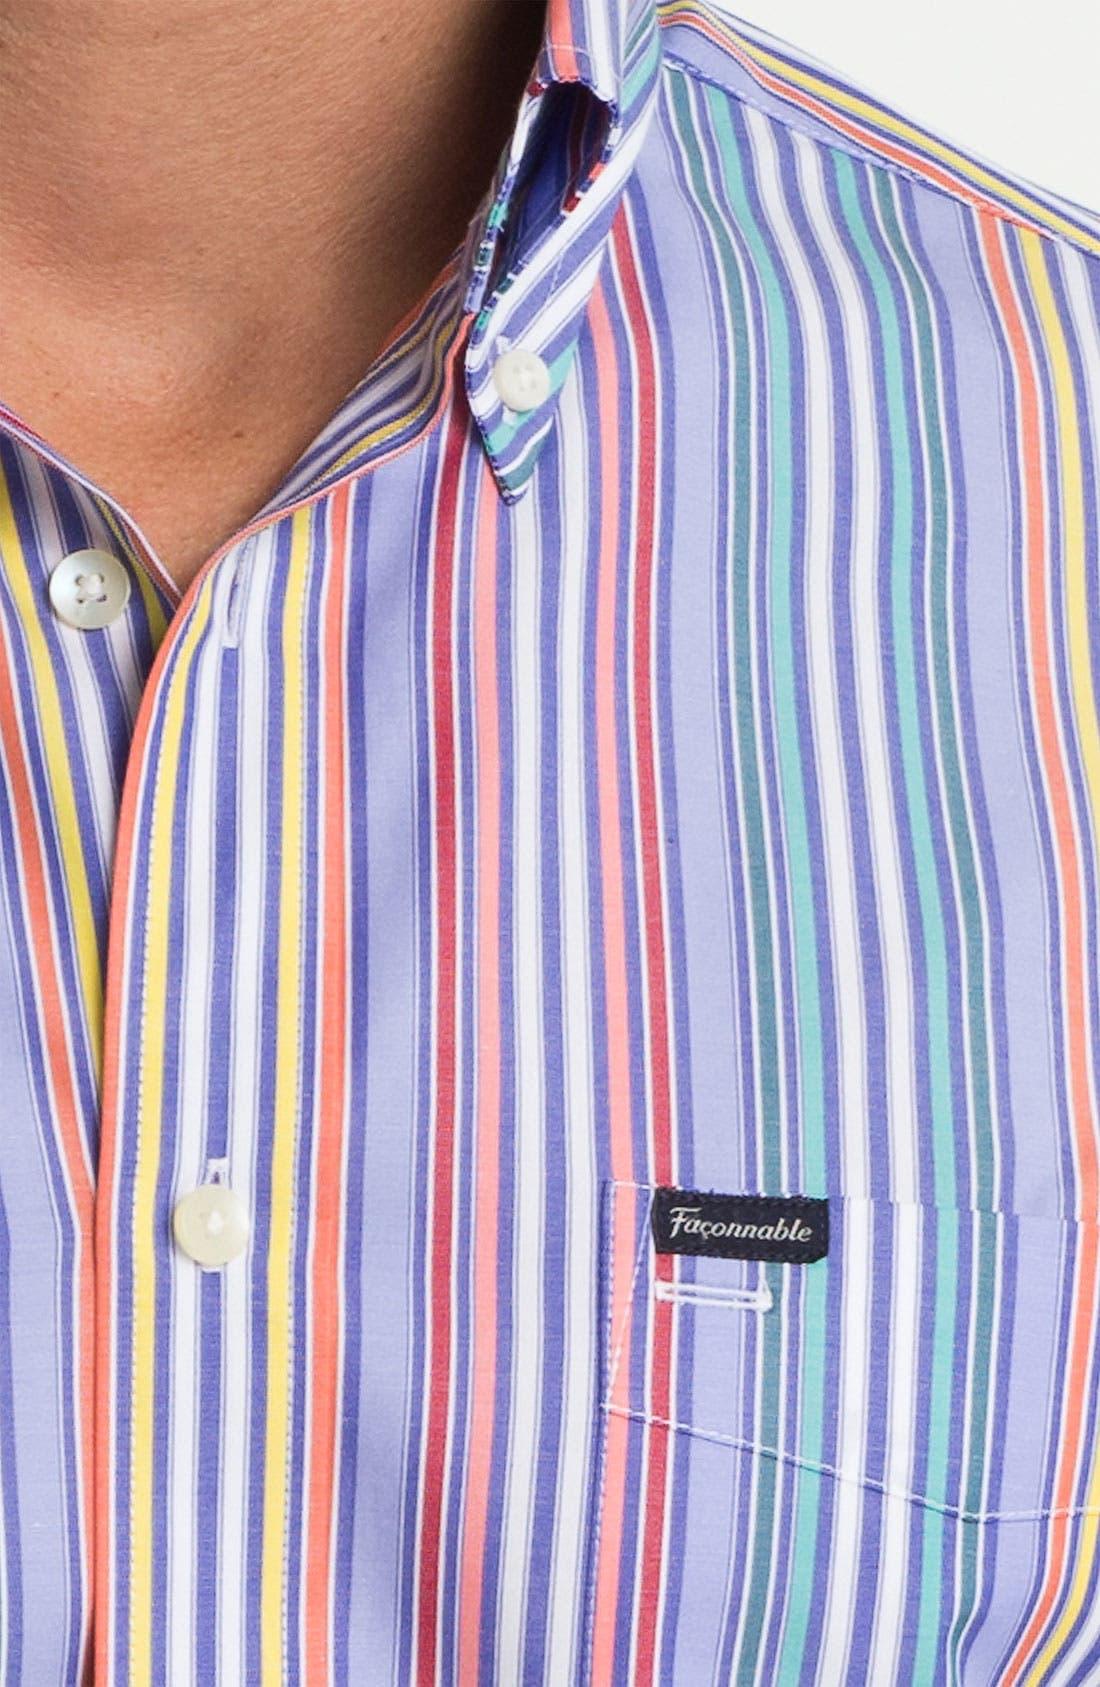 Façonnable Club Fit Sport Shirt,                             Alternate thumbnail 3, color,